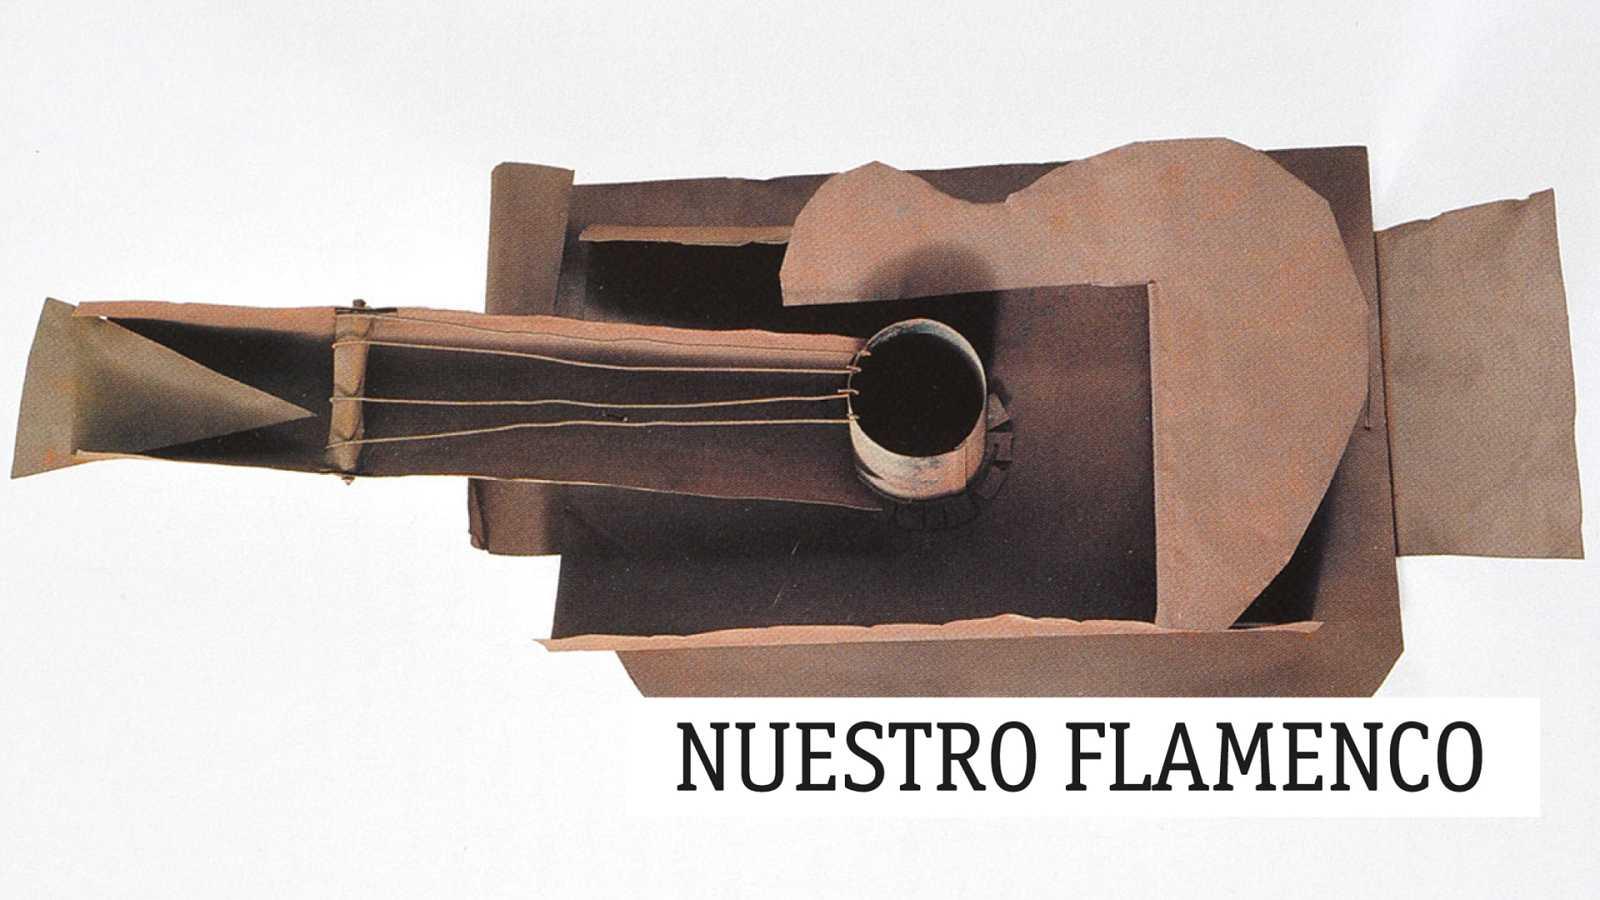 Nuestro flamenco - La herencia de Rafael Riqueni - 10/06/21 - escuchar ahora